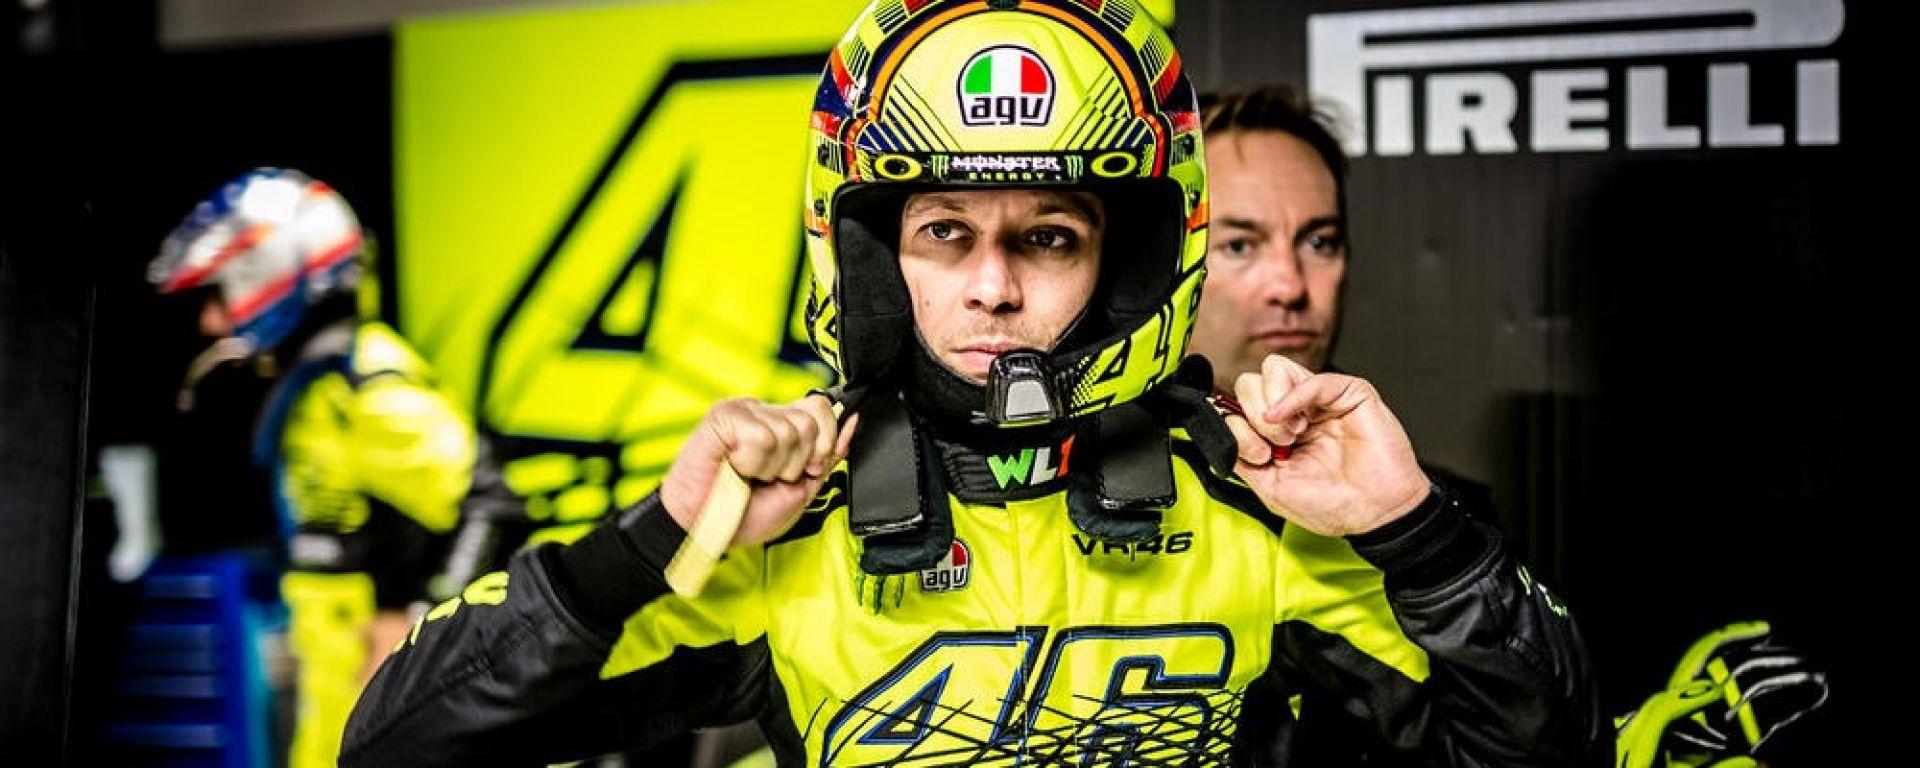 Monza Rally Show 2017: Valentino Rossi ci sarà!